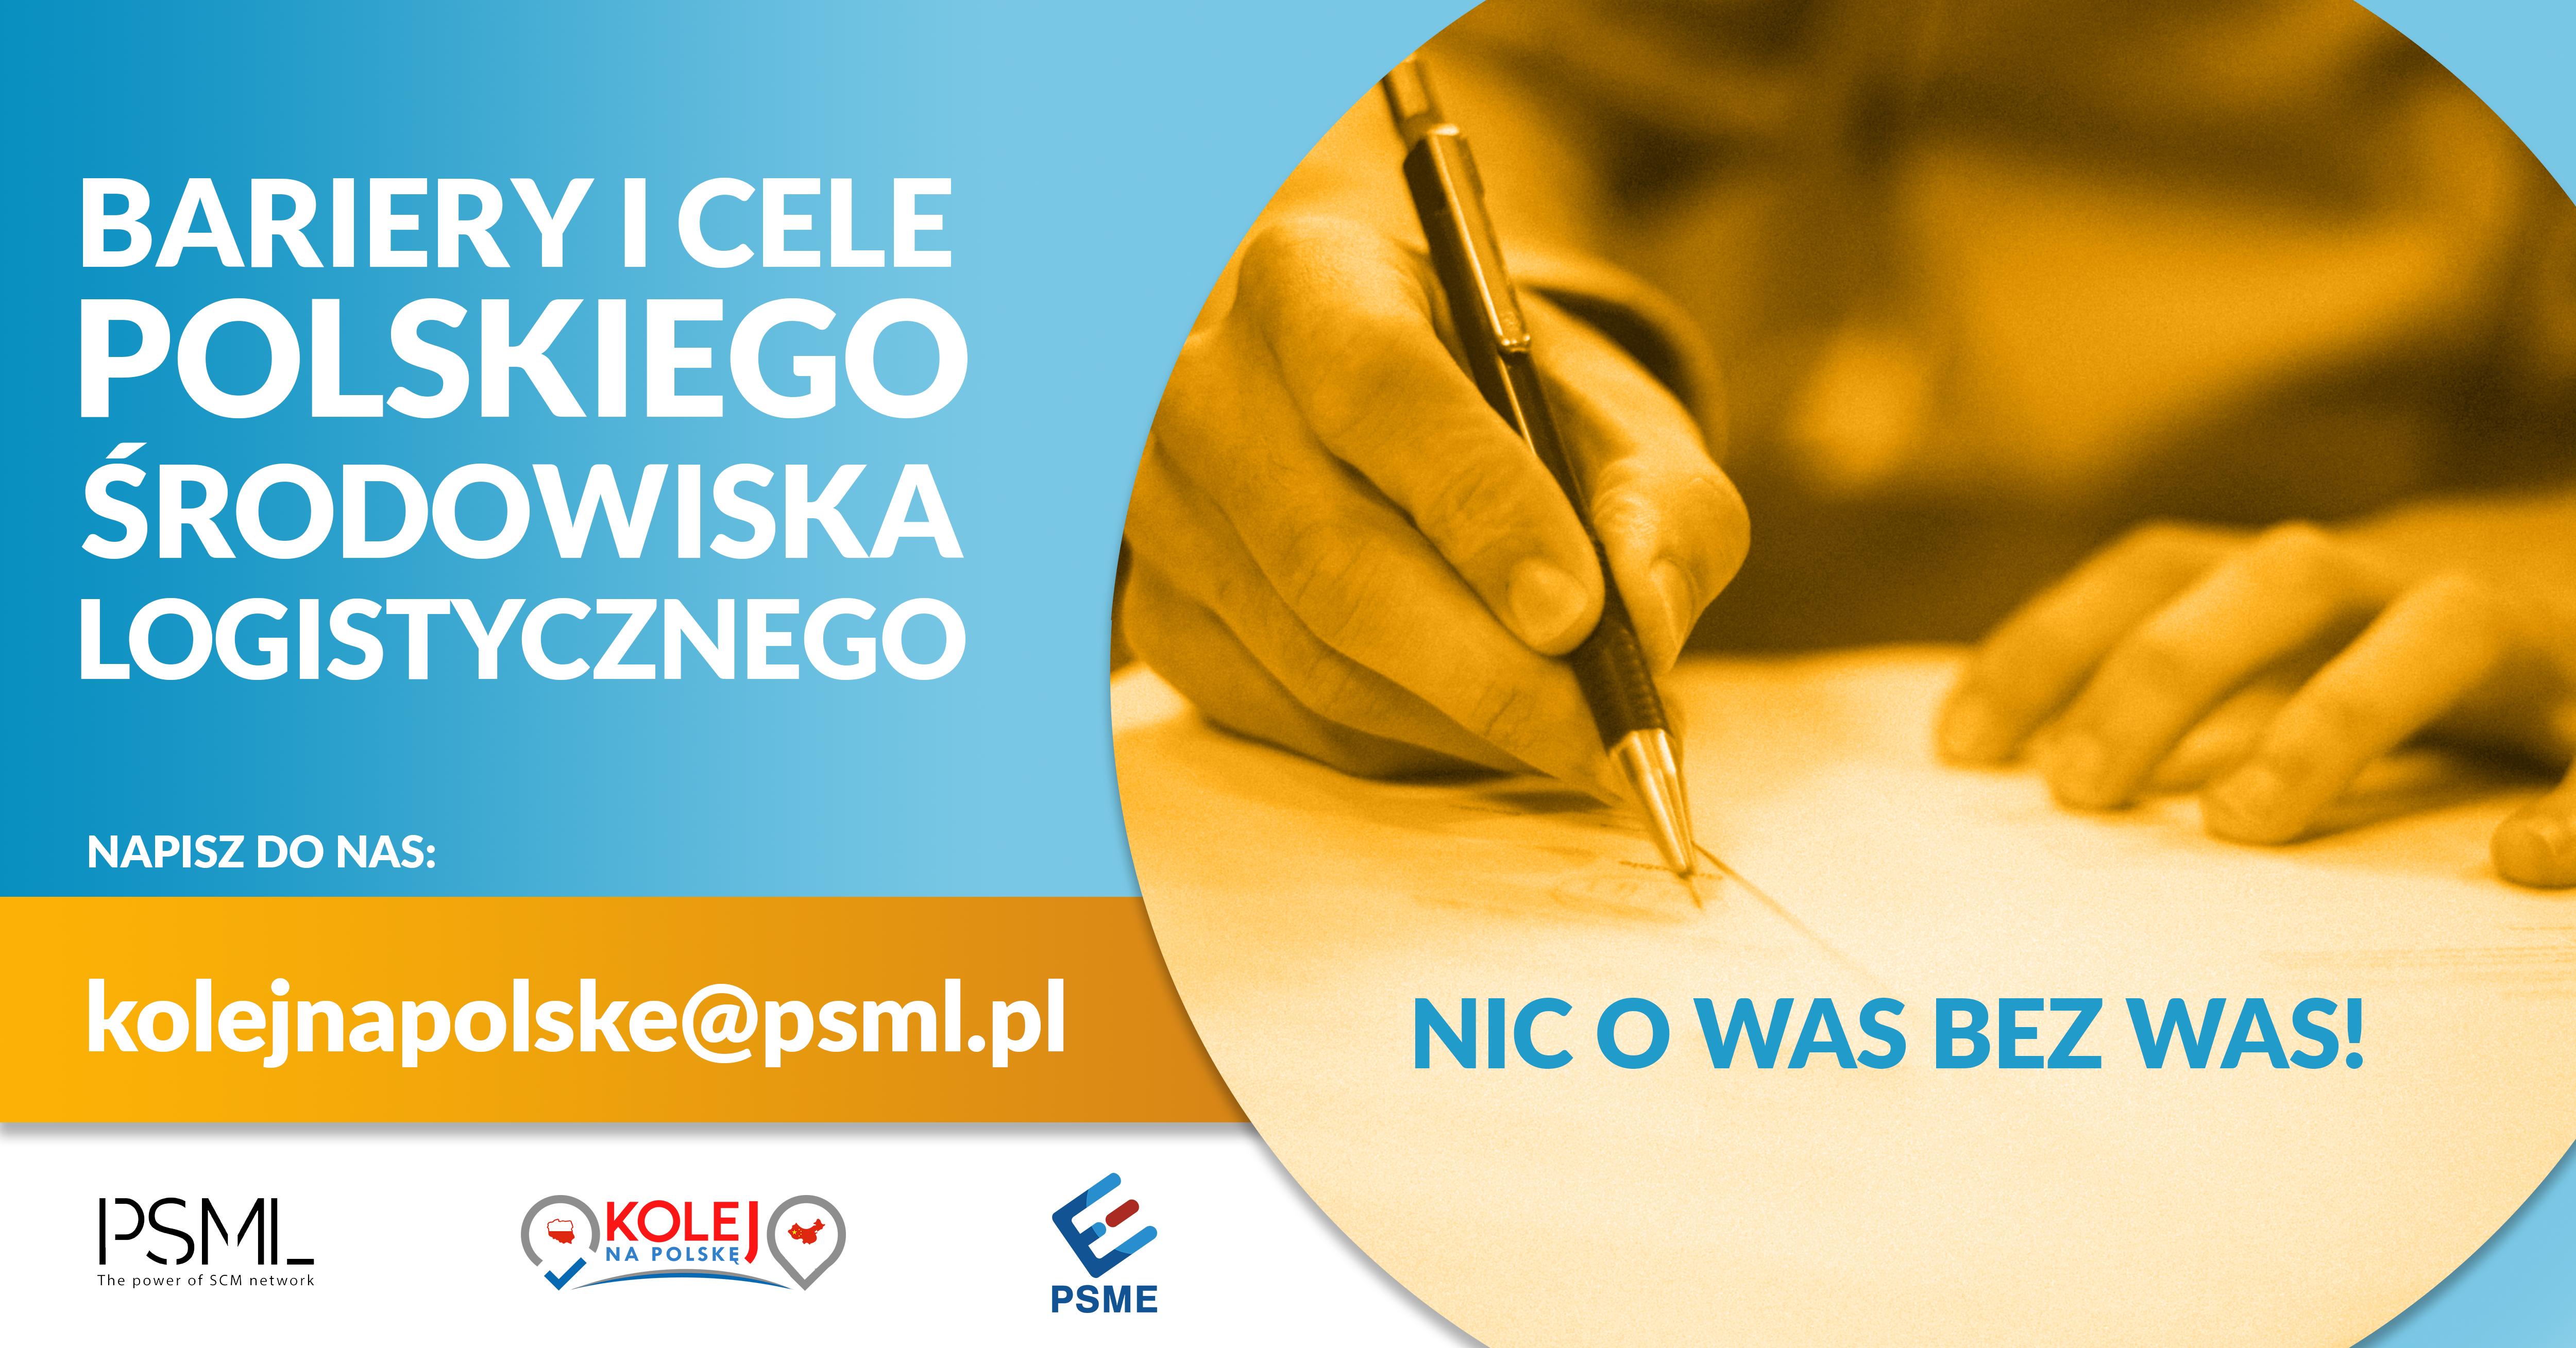 Nowy Jedwabny Szlak – Bariery i cele polskiego środowiska logistycznego